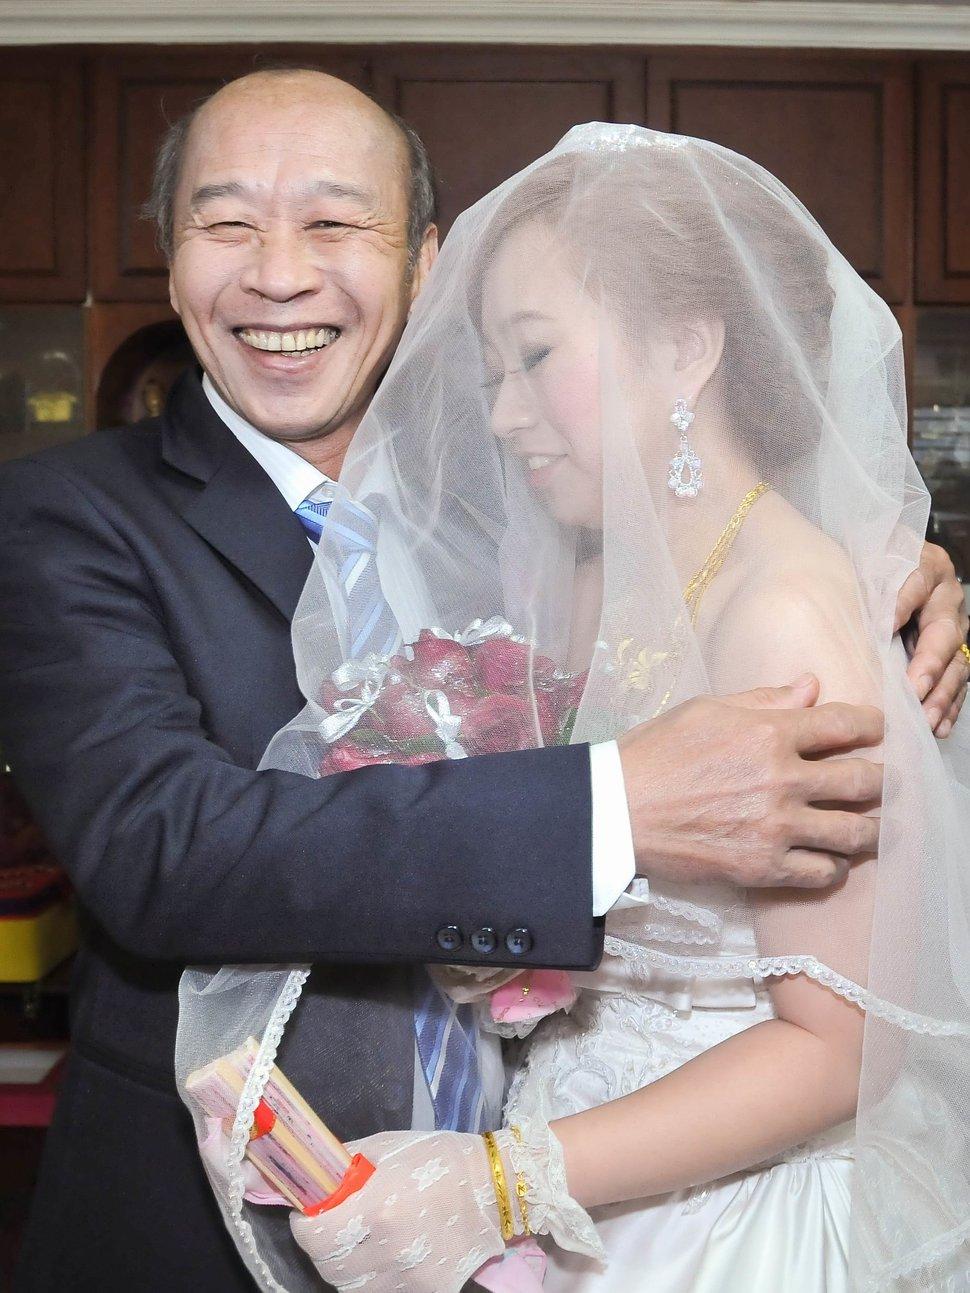 海產大王文定結婚儀式迎娶晚宴婚禮結婚儀式午宴婚禮記錄動態微電影錄影專業錄影平面攝影婚攝婚禮主持人(編號:303375) - 蜜月拍照10800錄影12800攝影團隊 - 結婚吧